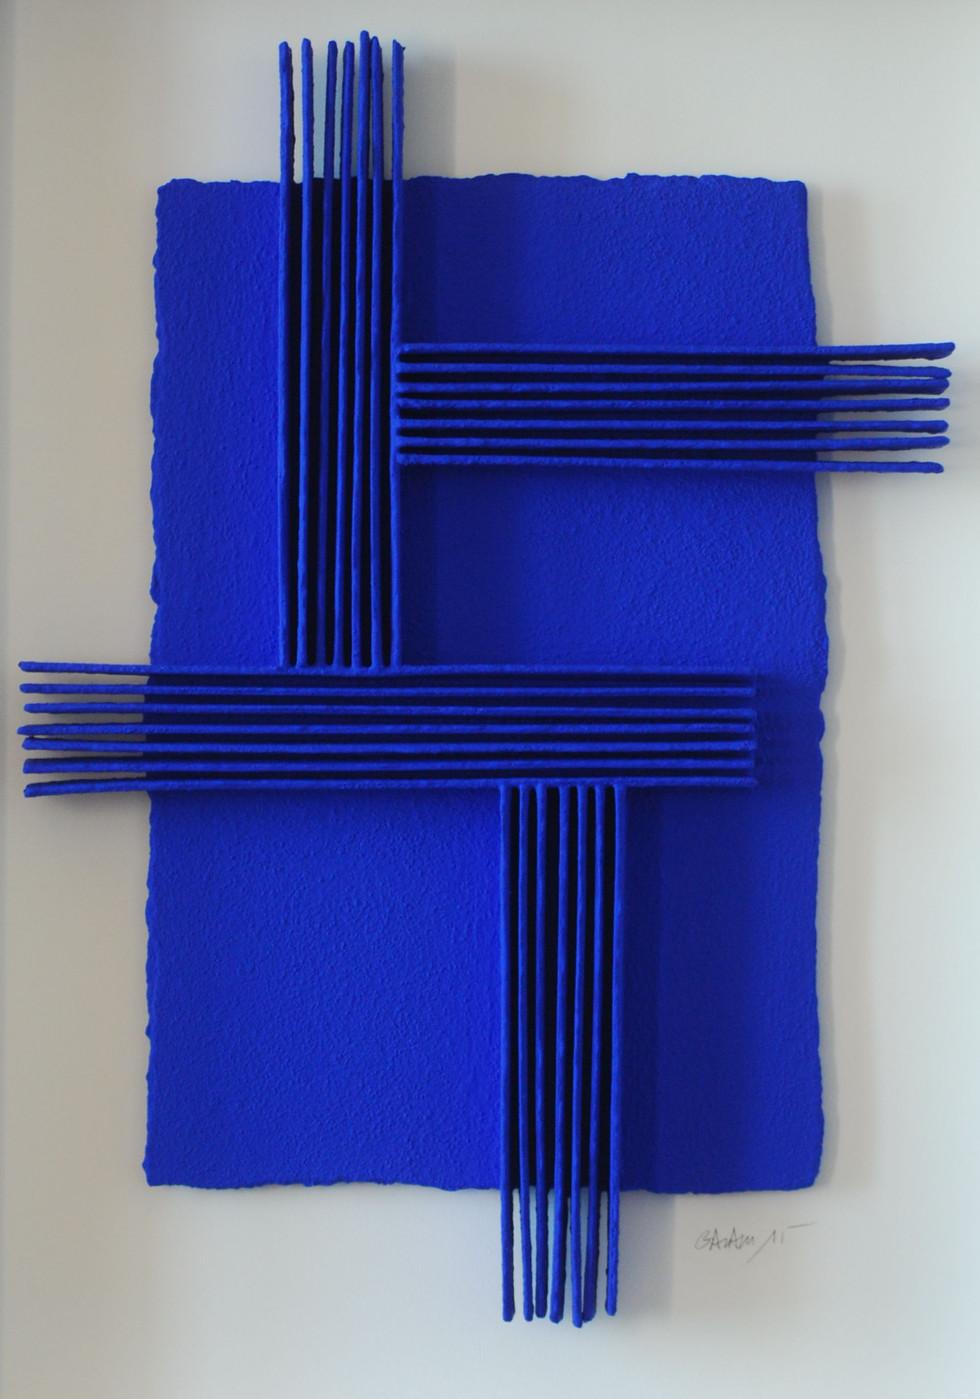 Calicots et Pigments #25 handgeschöpftes Papier, Pigmente 86 x 66 cm - verkauft